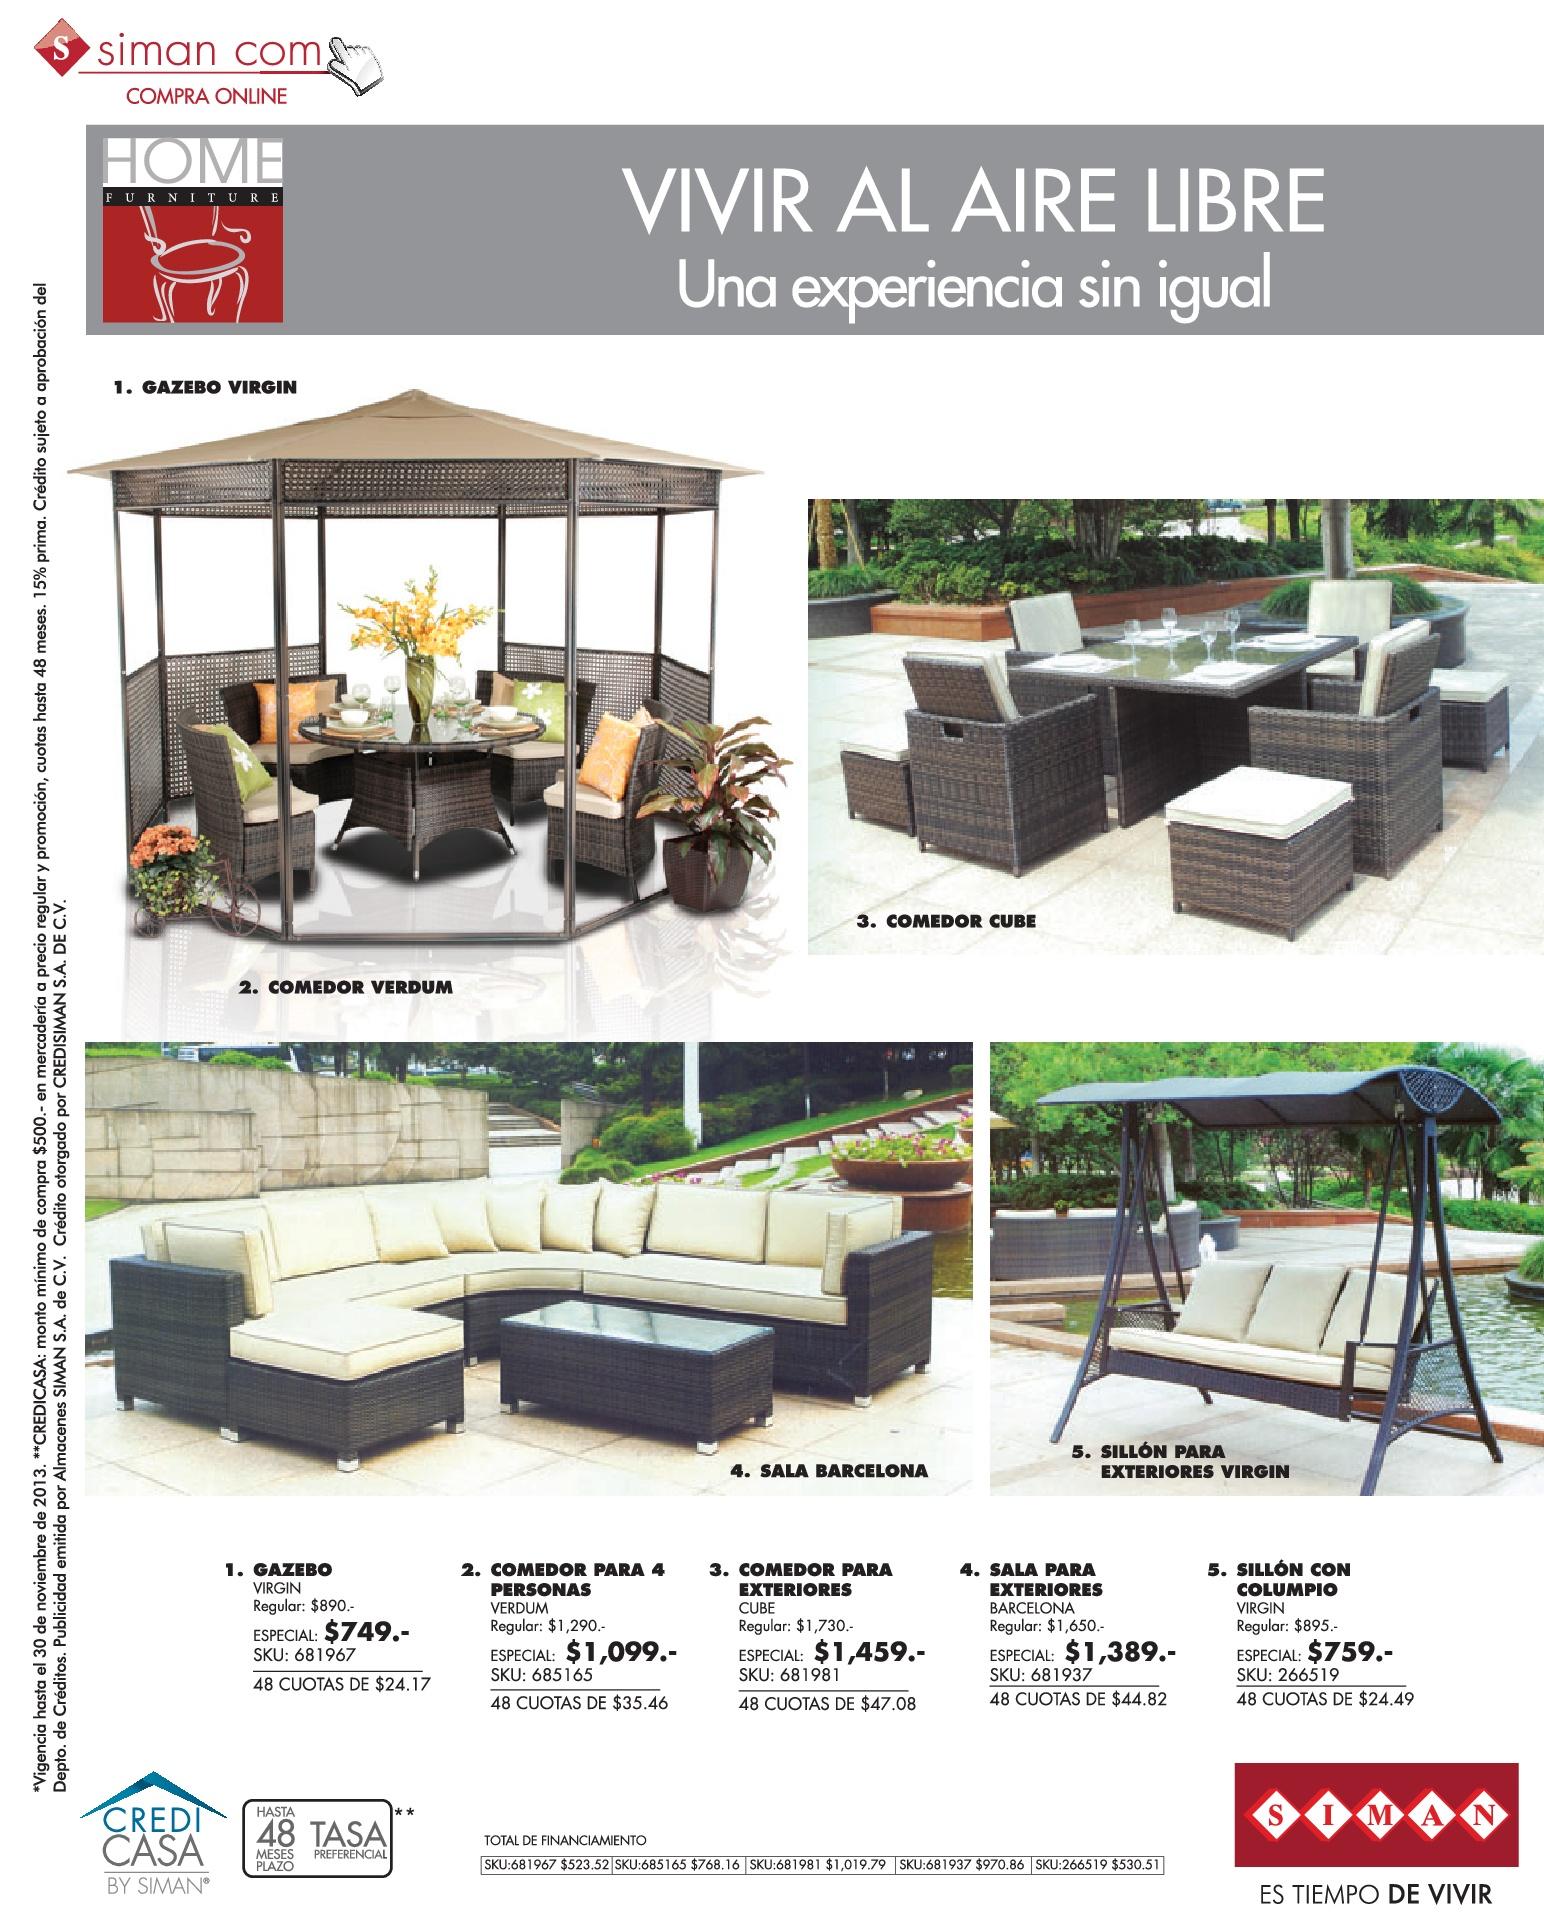 Muebles de jardin y terrazas SIMAN.com ofertas - 02nov13 ...